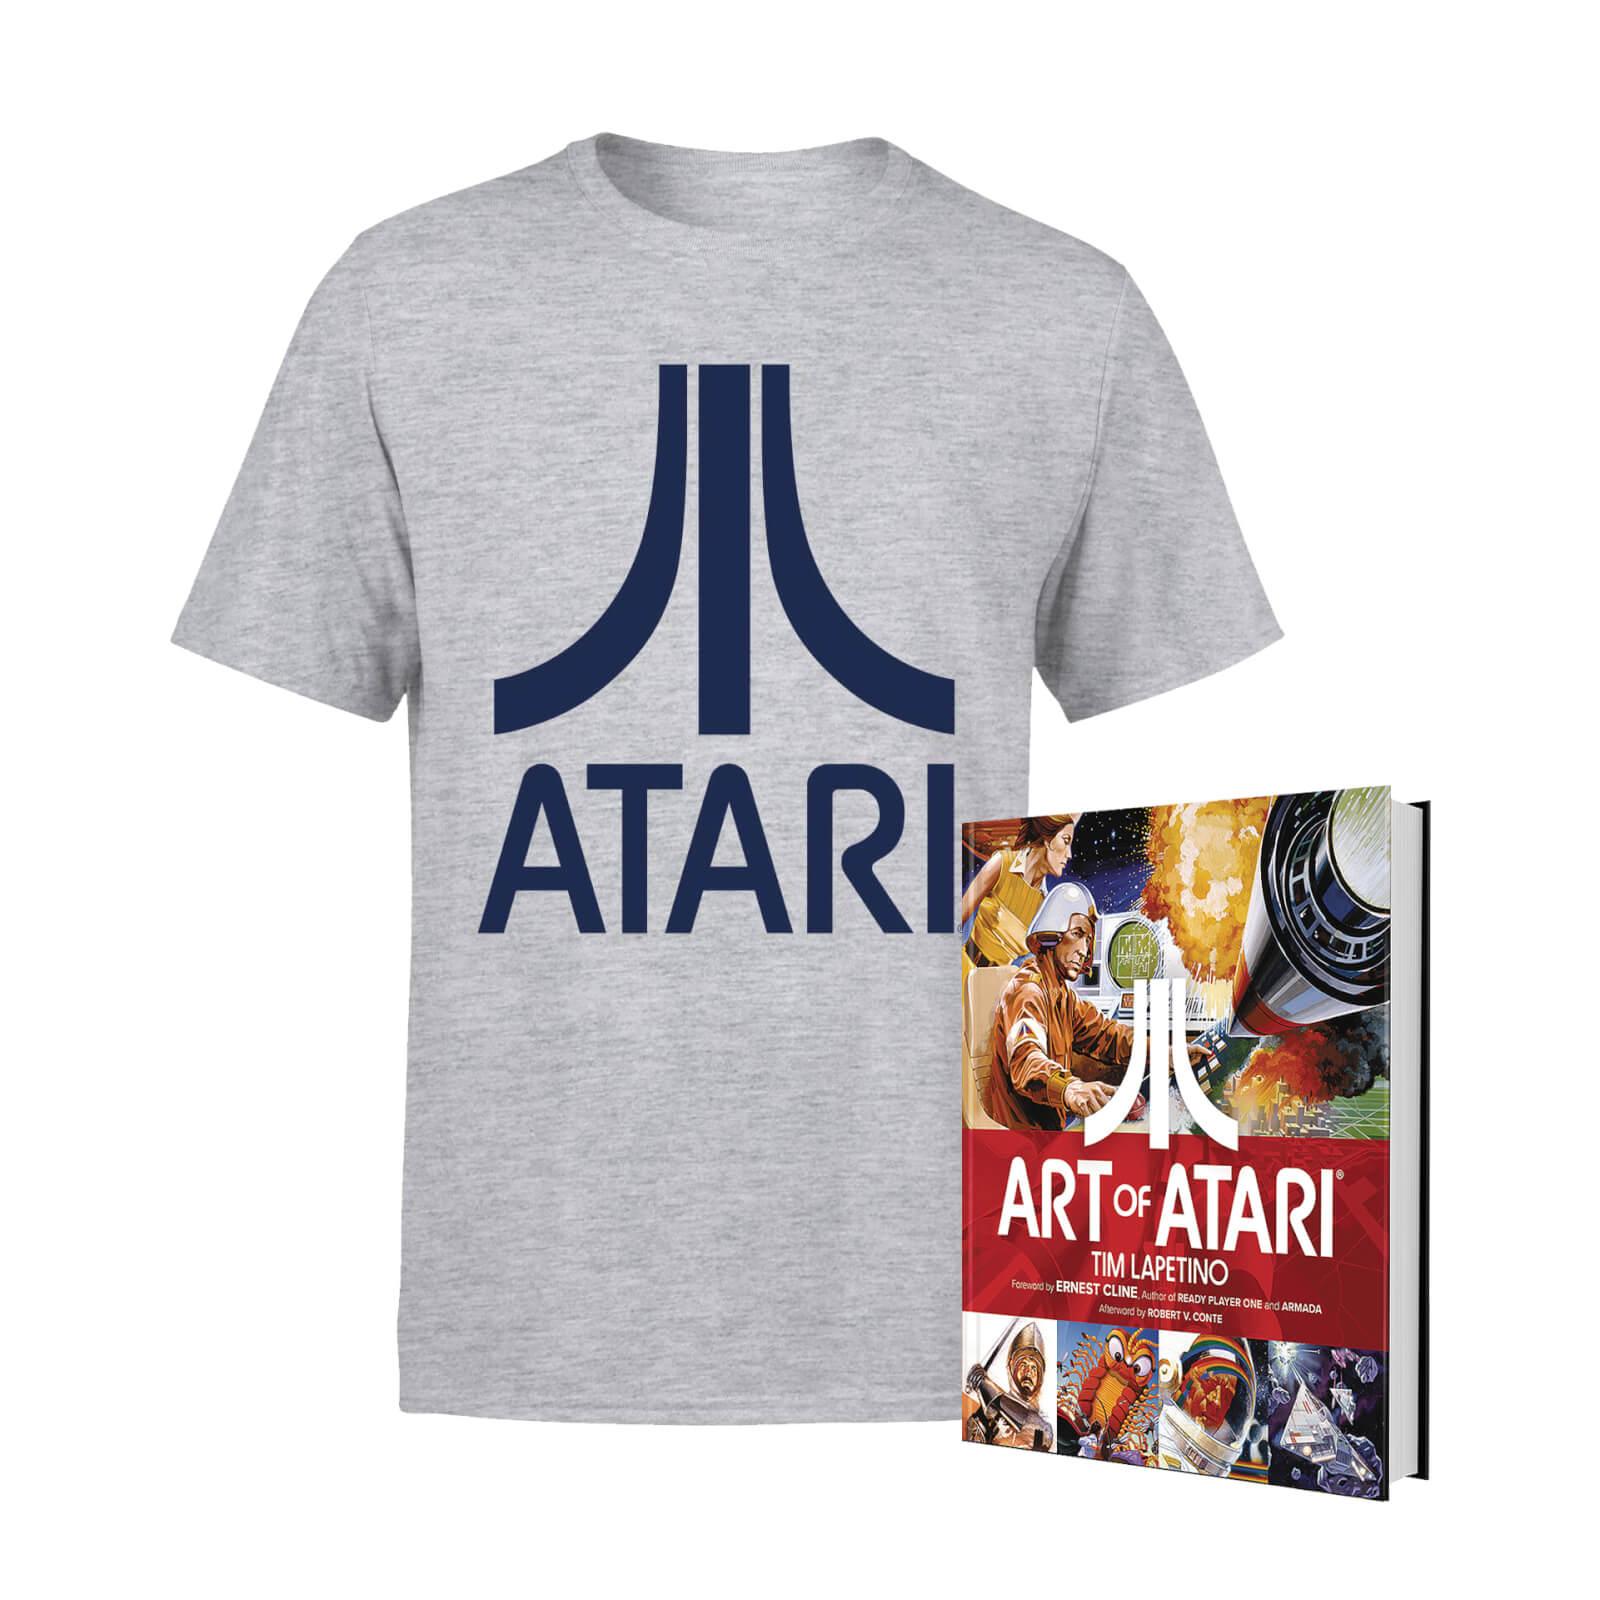 Camiseta + Libro de arte Atari